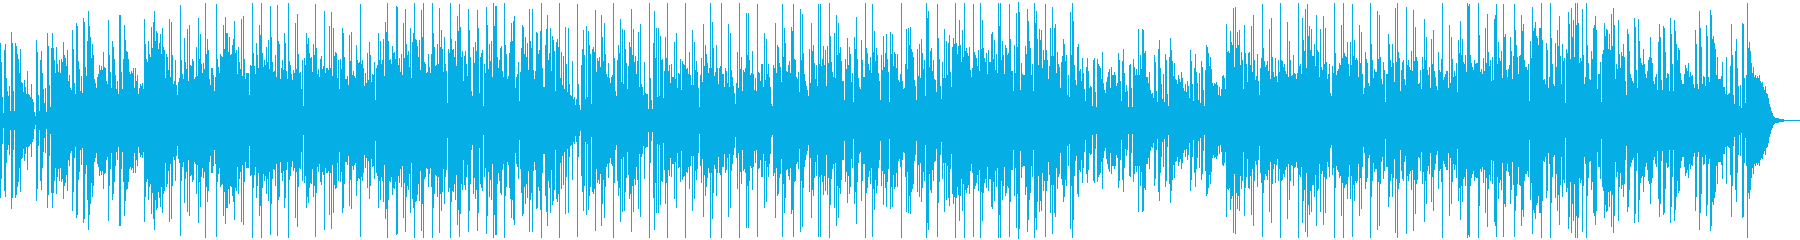 ボサノバ センチメンタル アクショ...の再生済みの波形